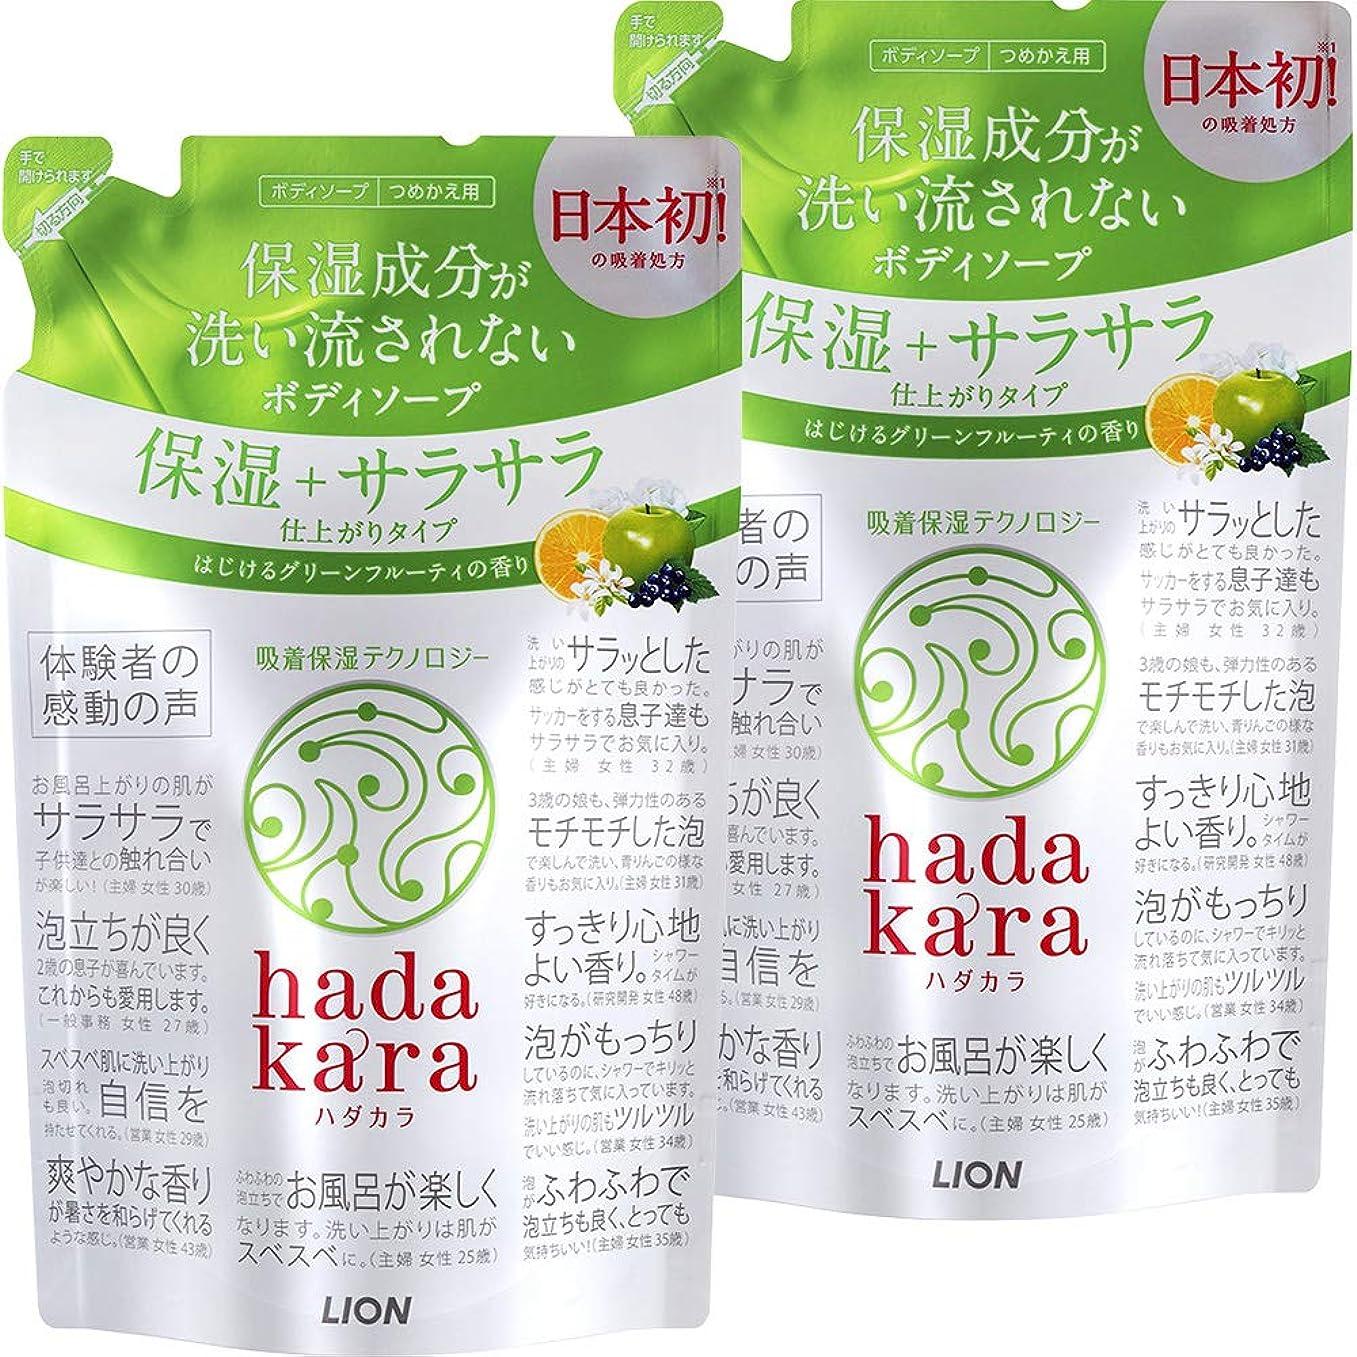 スーダン創造まさに【まとめ買い】hadakara(ハダカラ) ボディソープ 保湿+サラサラ仕上がりタイプ グリーンフルーティの香り 詰め替え 340ml×2個パック